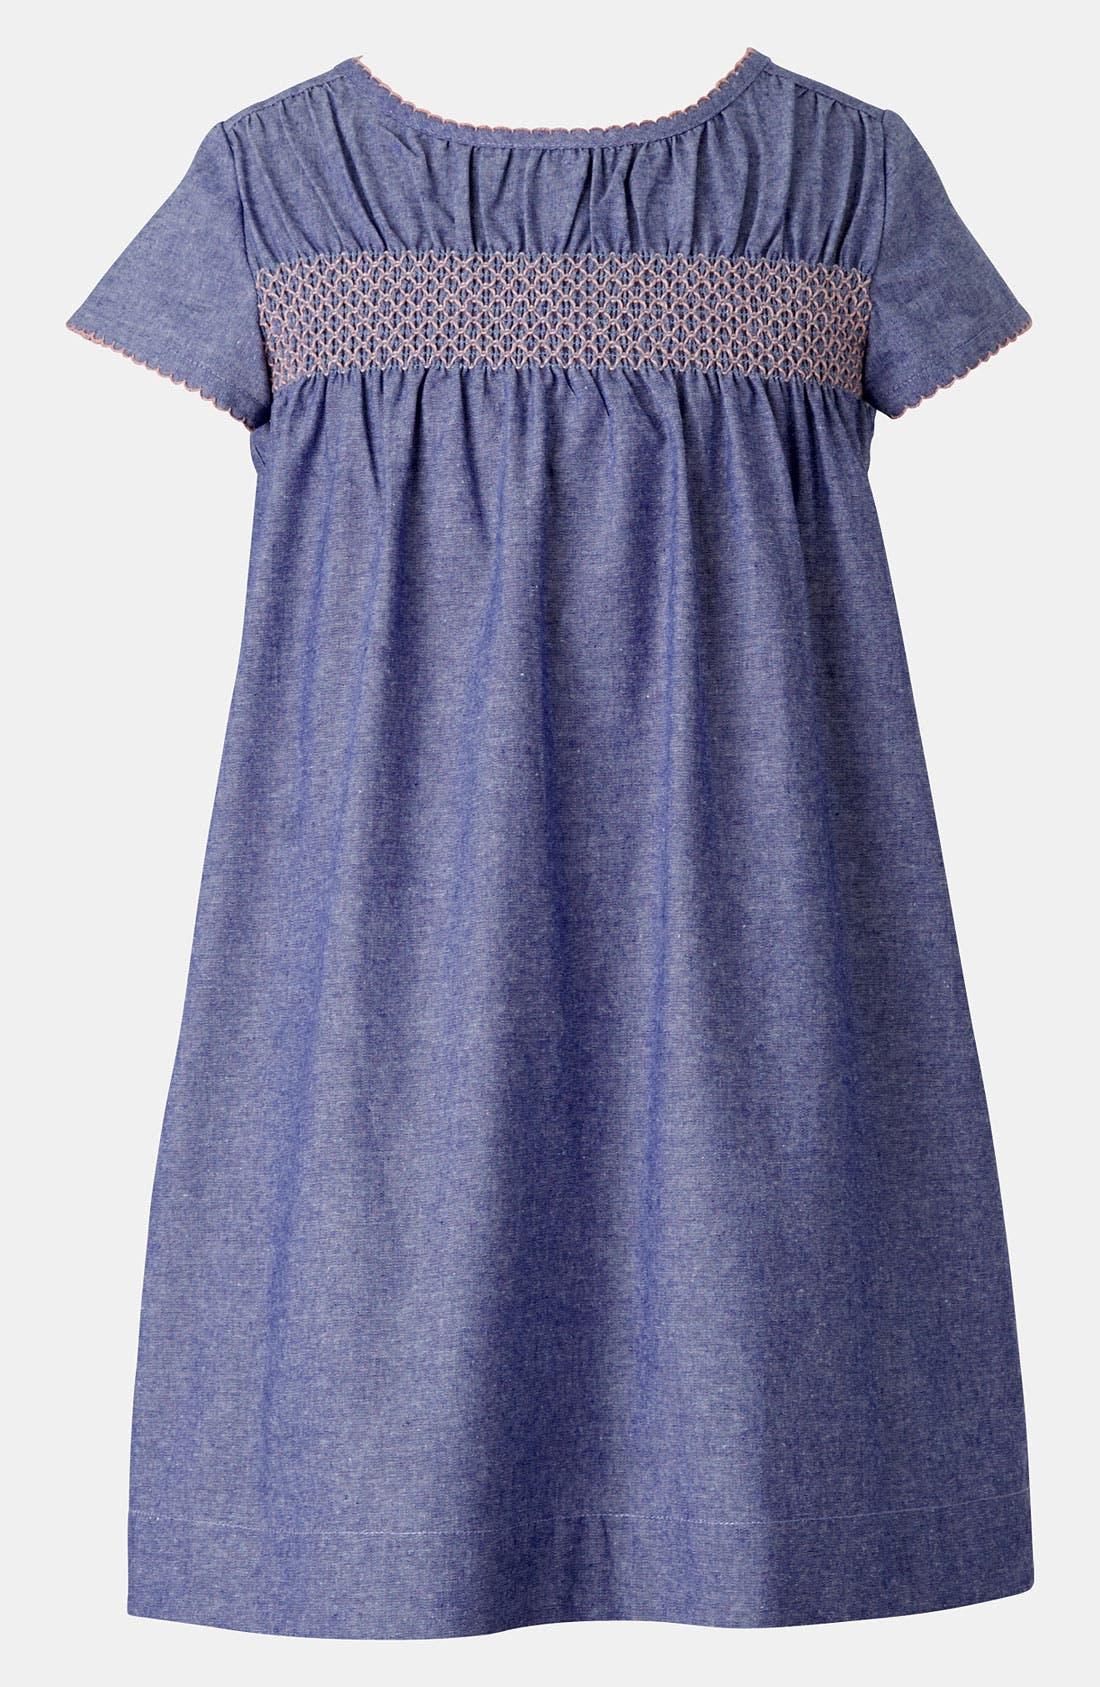 Main Image - Mini Boden Smocked Dress (Little Girls & Big Girls)